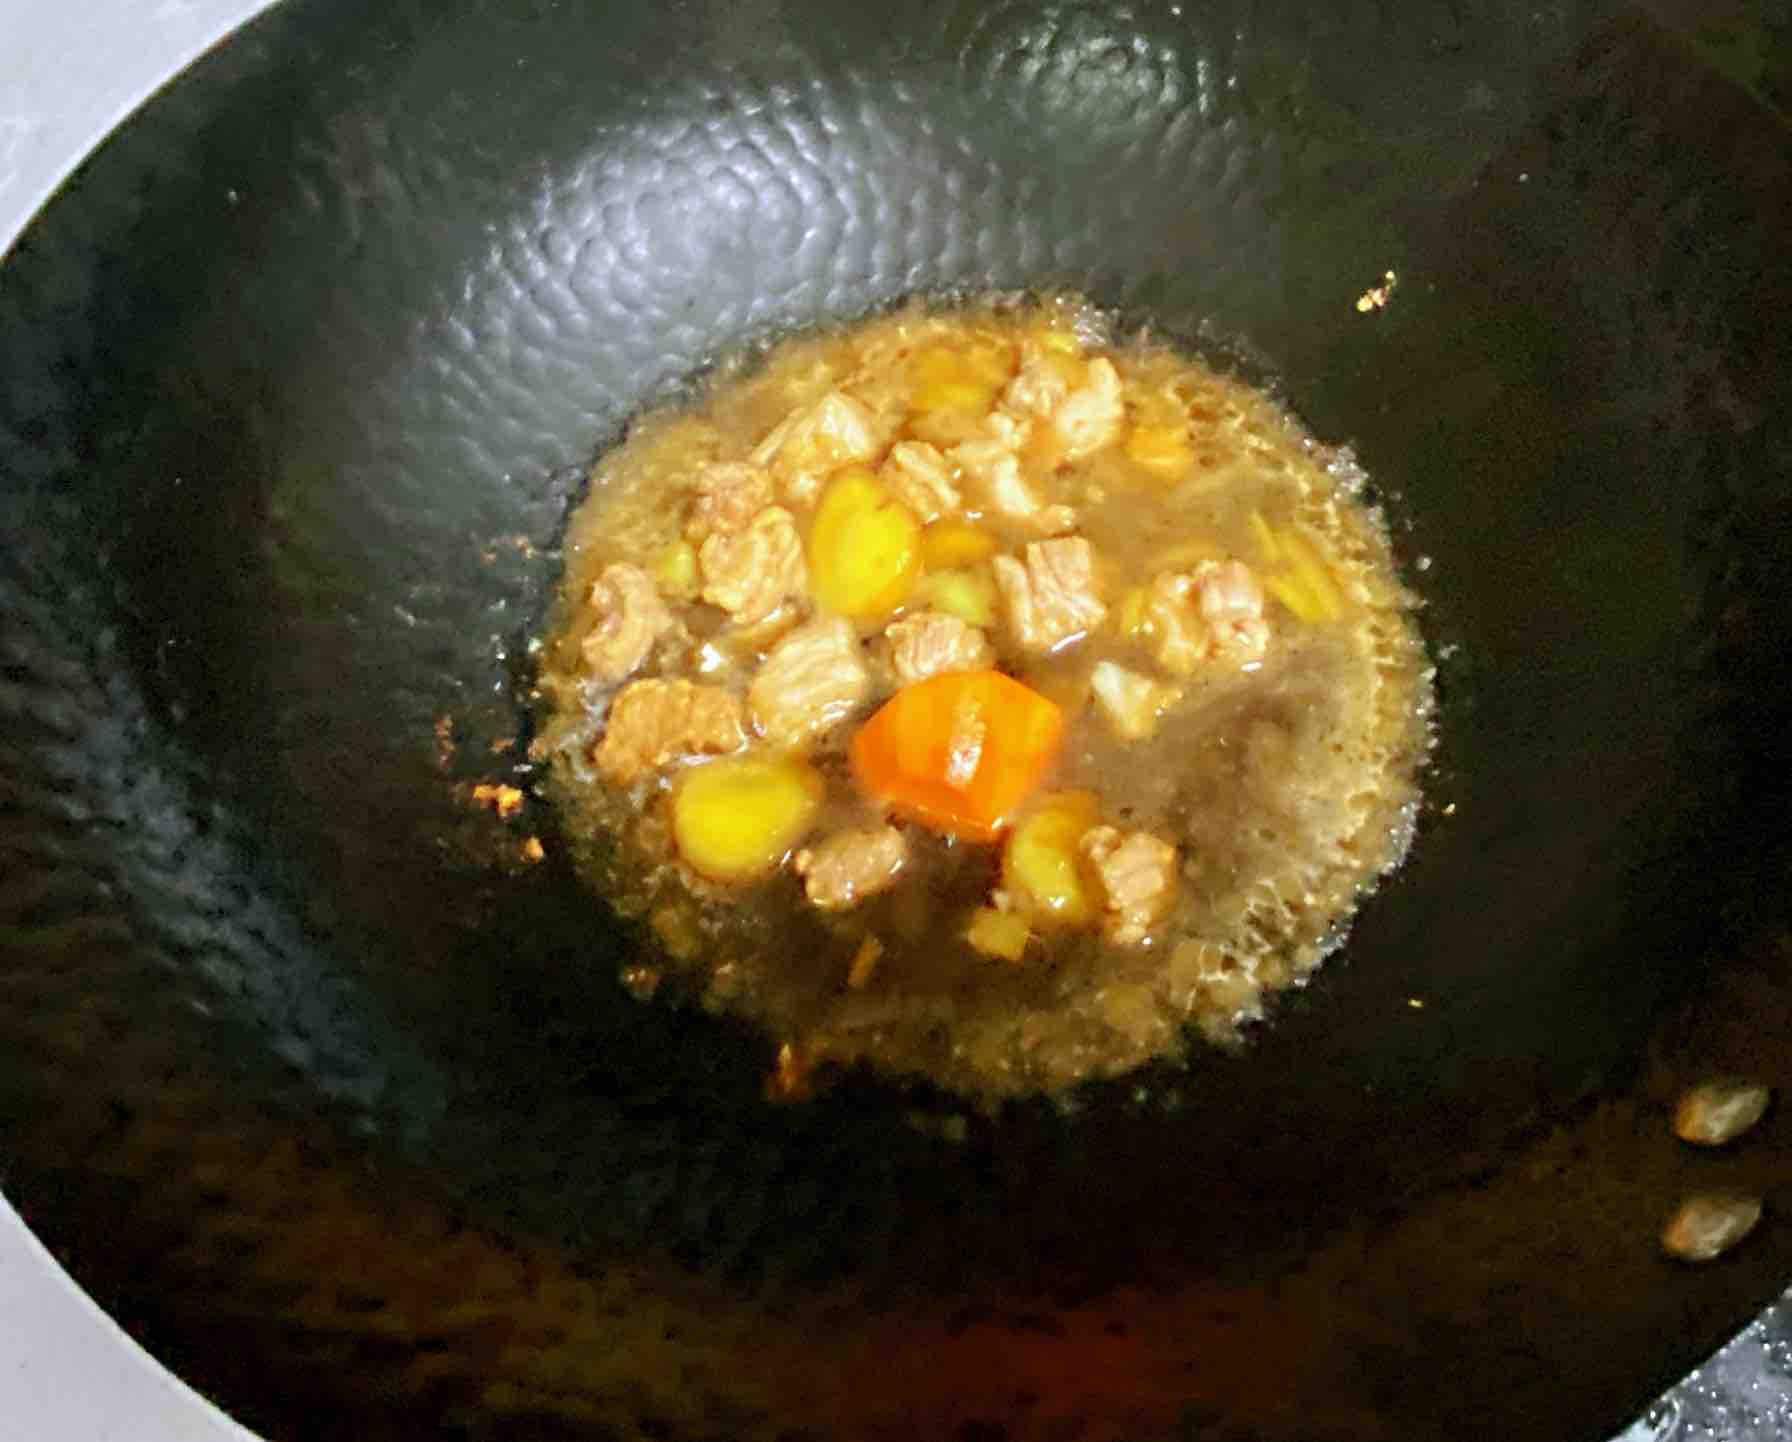 【孕妇食谱】红薯疙瘩汤,营养美味易消化,连吃三天不会腻!的步骤